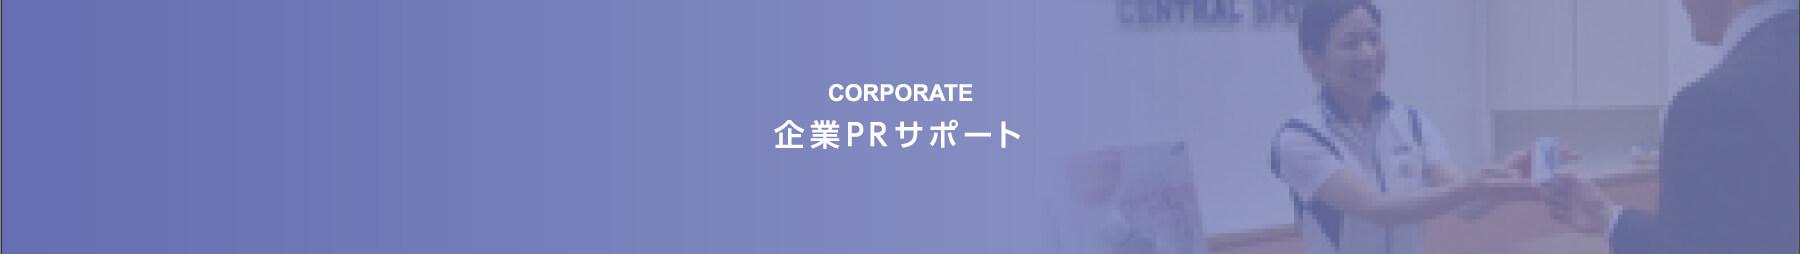 企業PRサポート -CORPORATE-